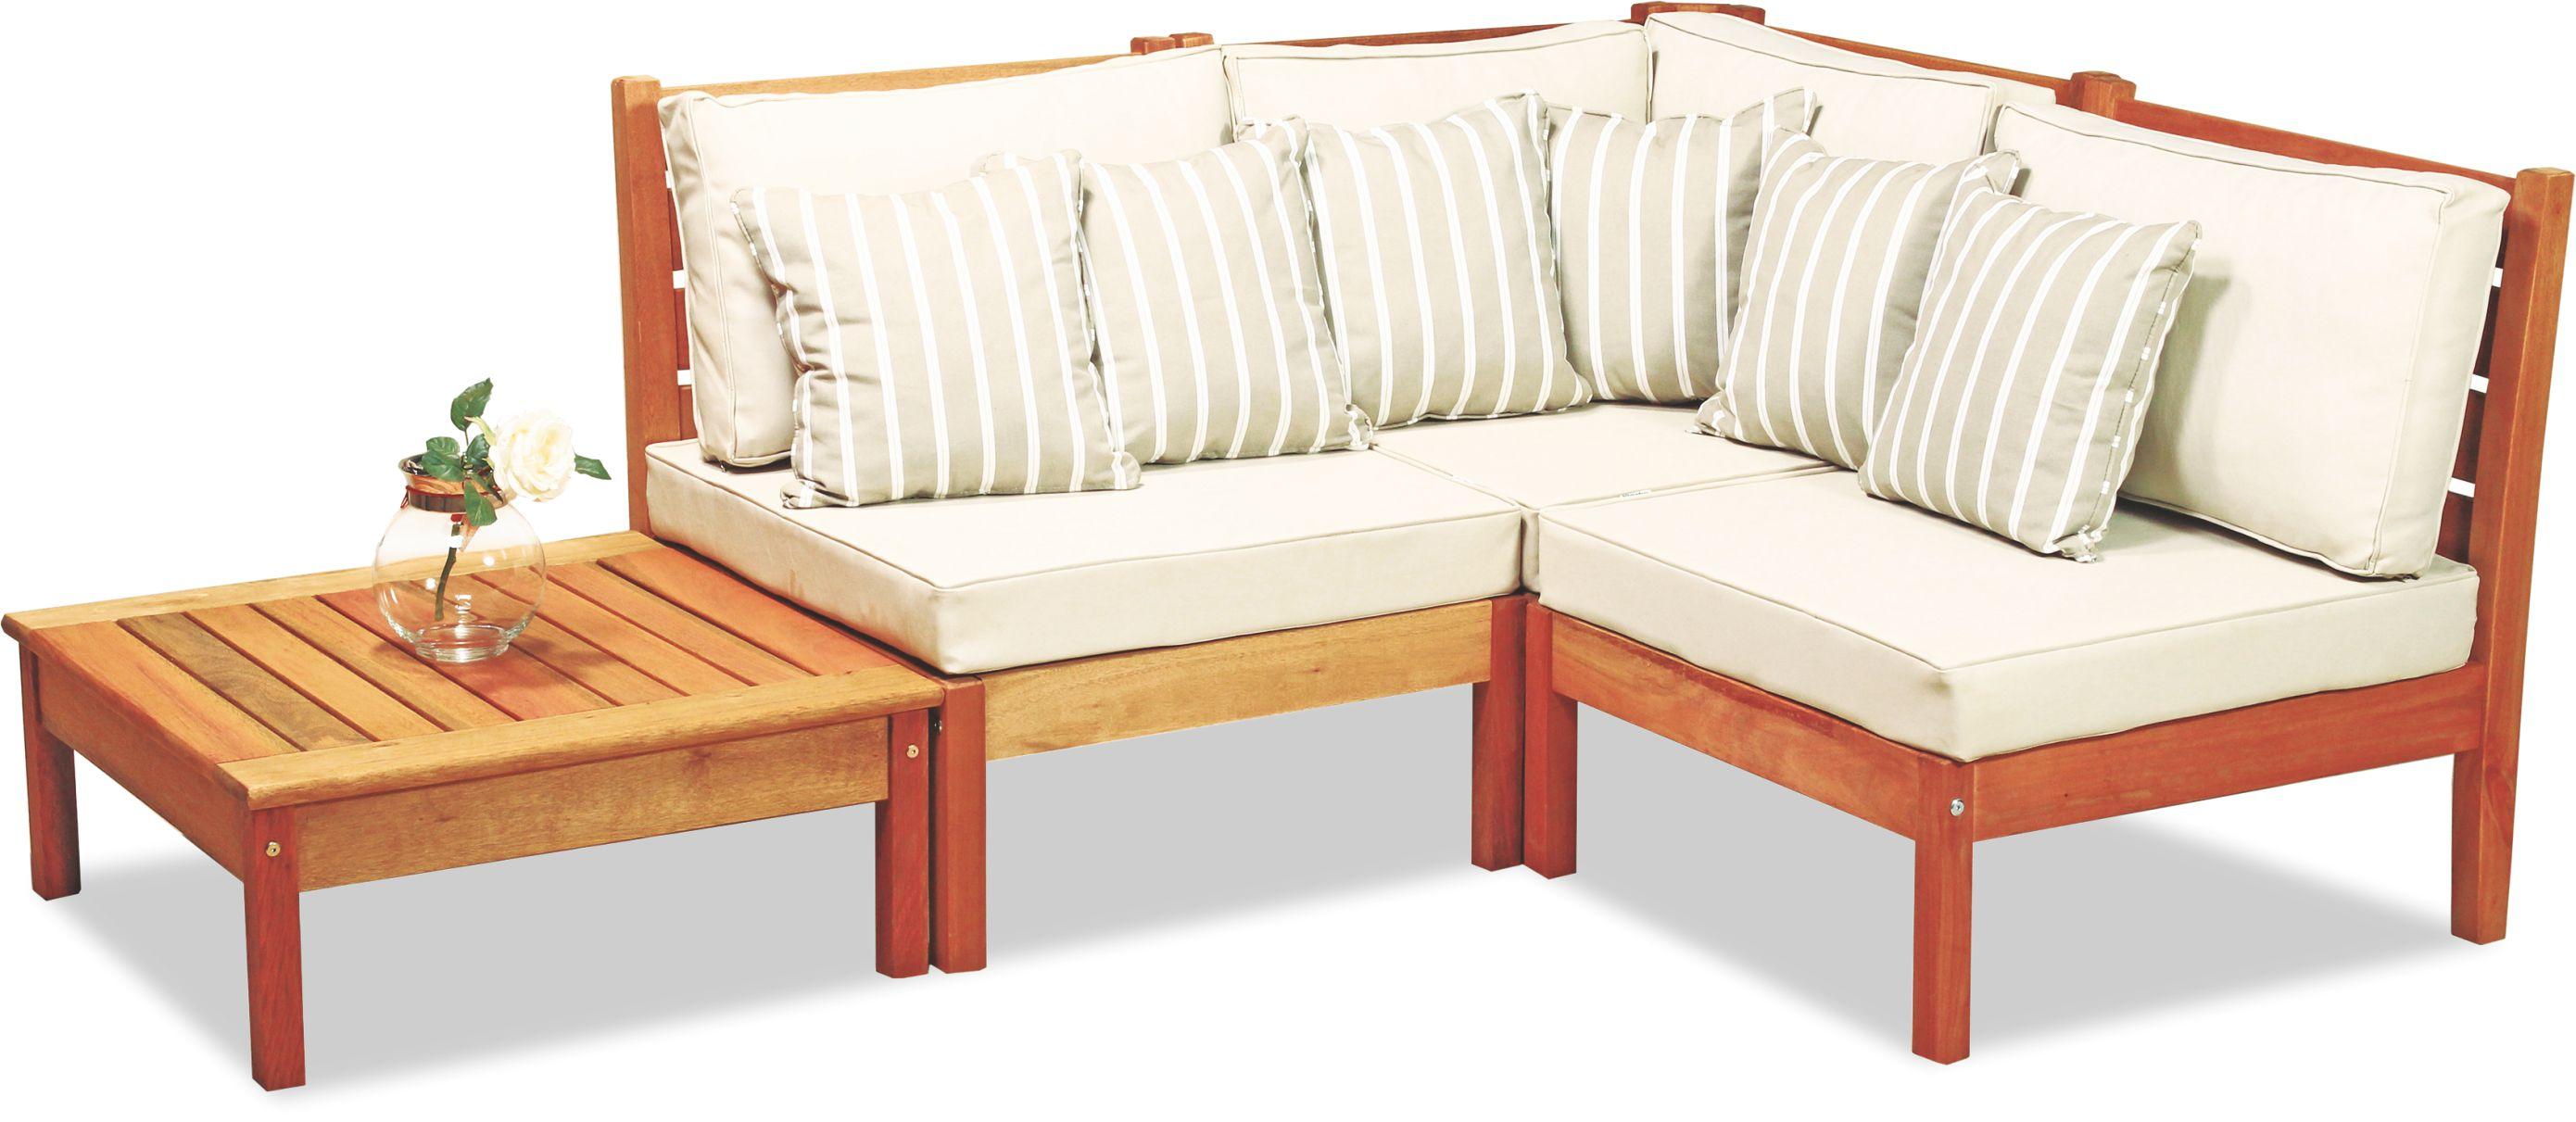 Confort muebles tienda online de productos de madera - Muebles jardin cordoba ...